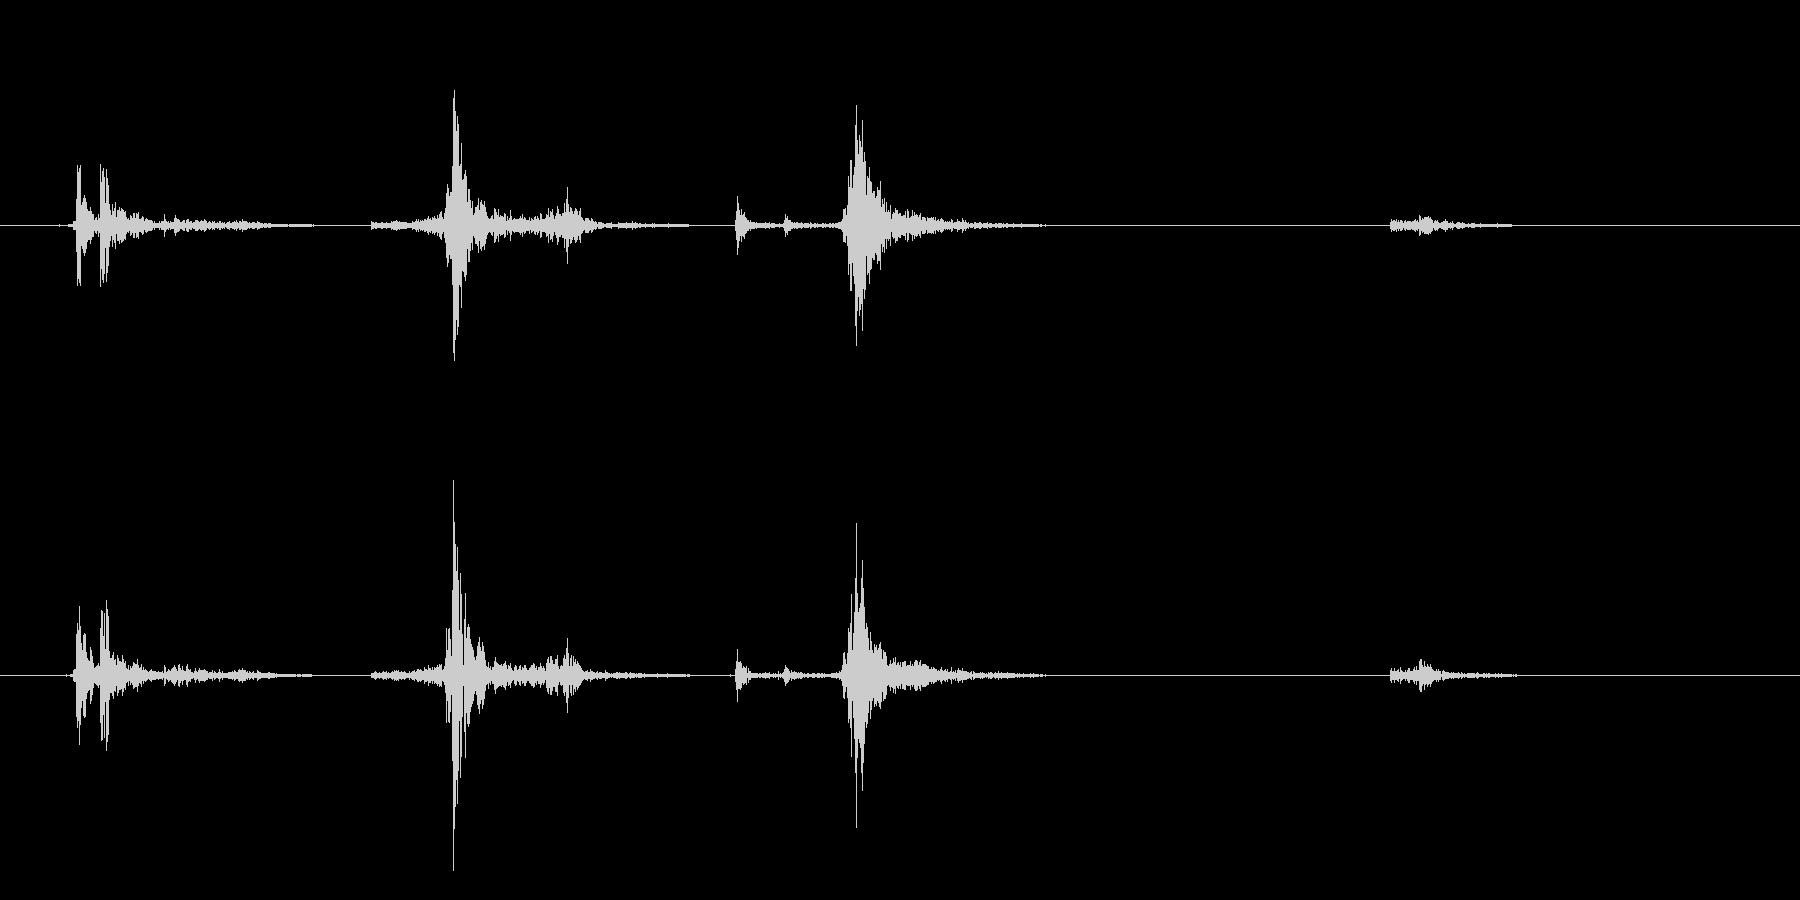 カセットテープ ケース開閉音の未再生の波形